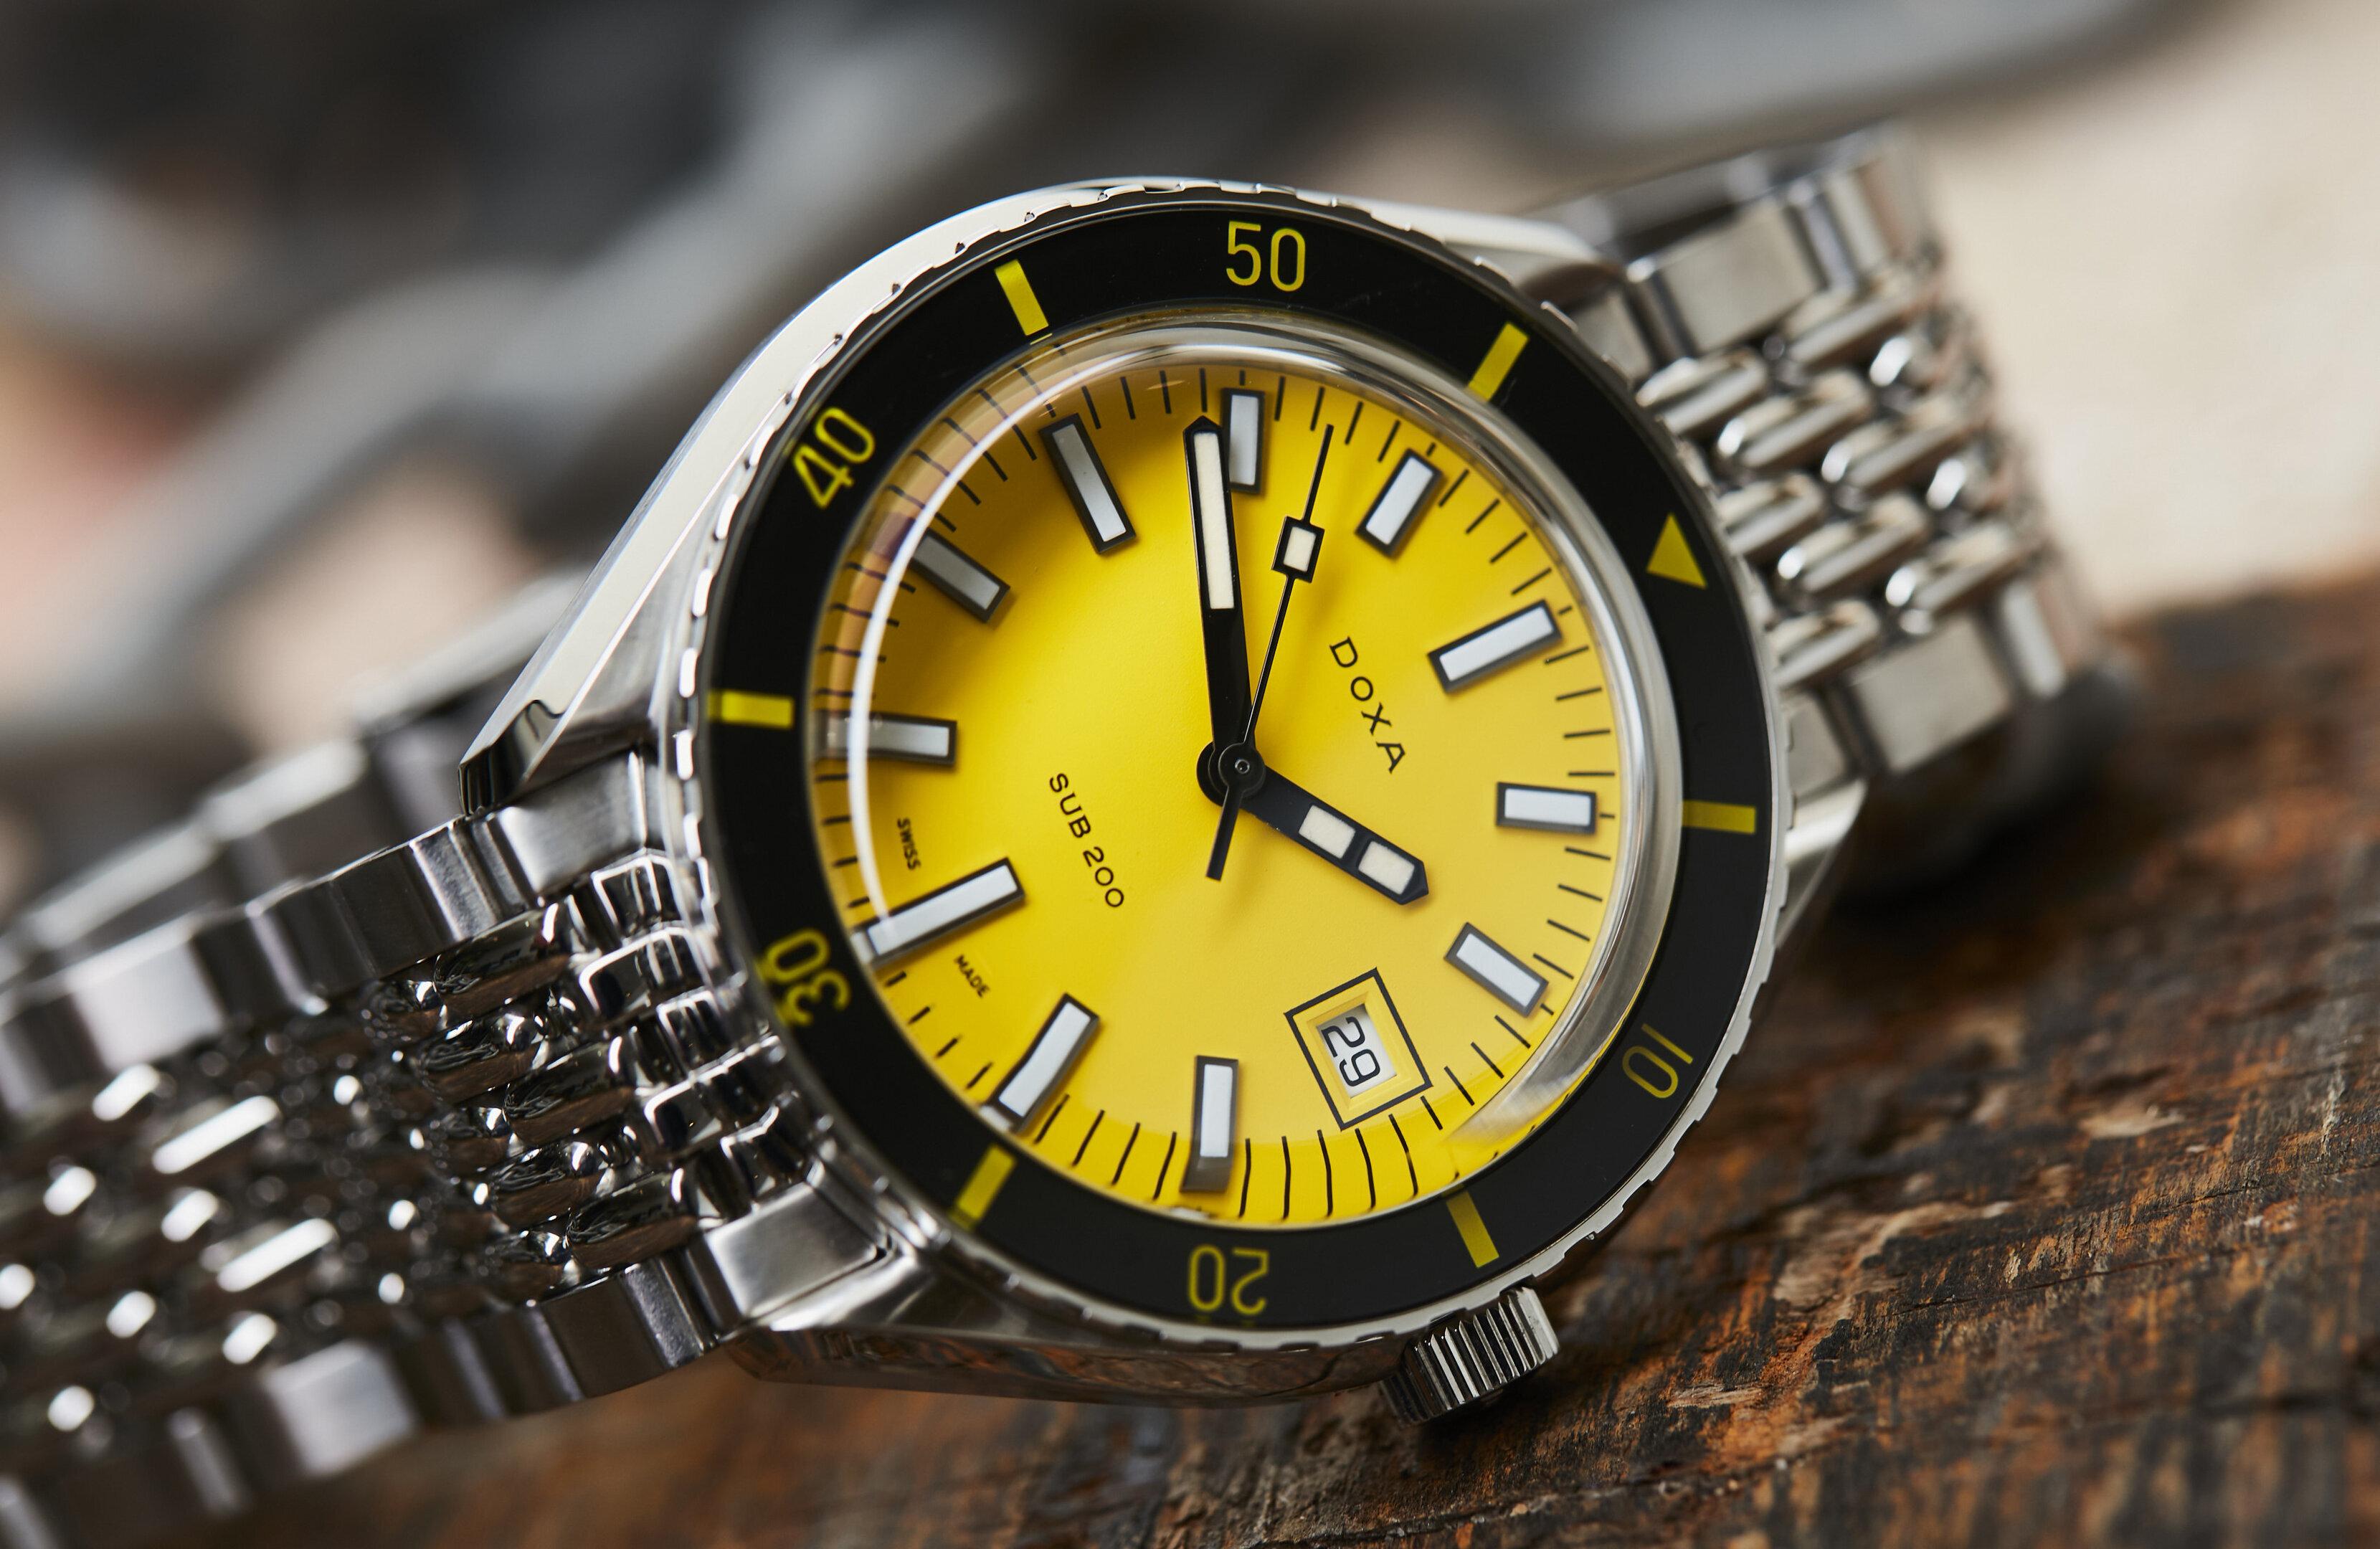 Doxa-Sub-200-yellow-c2732.